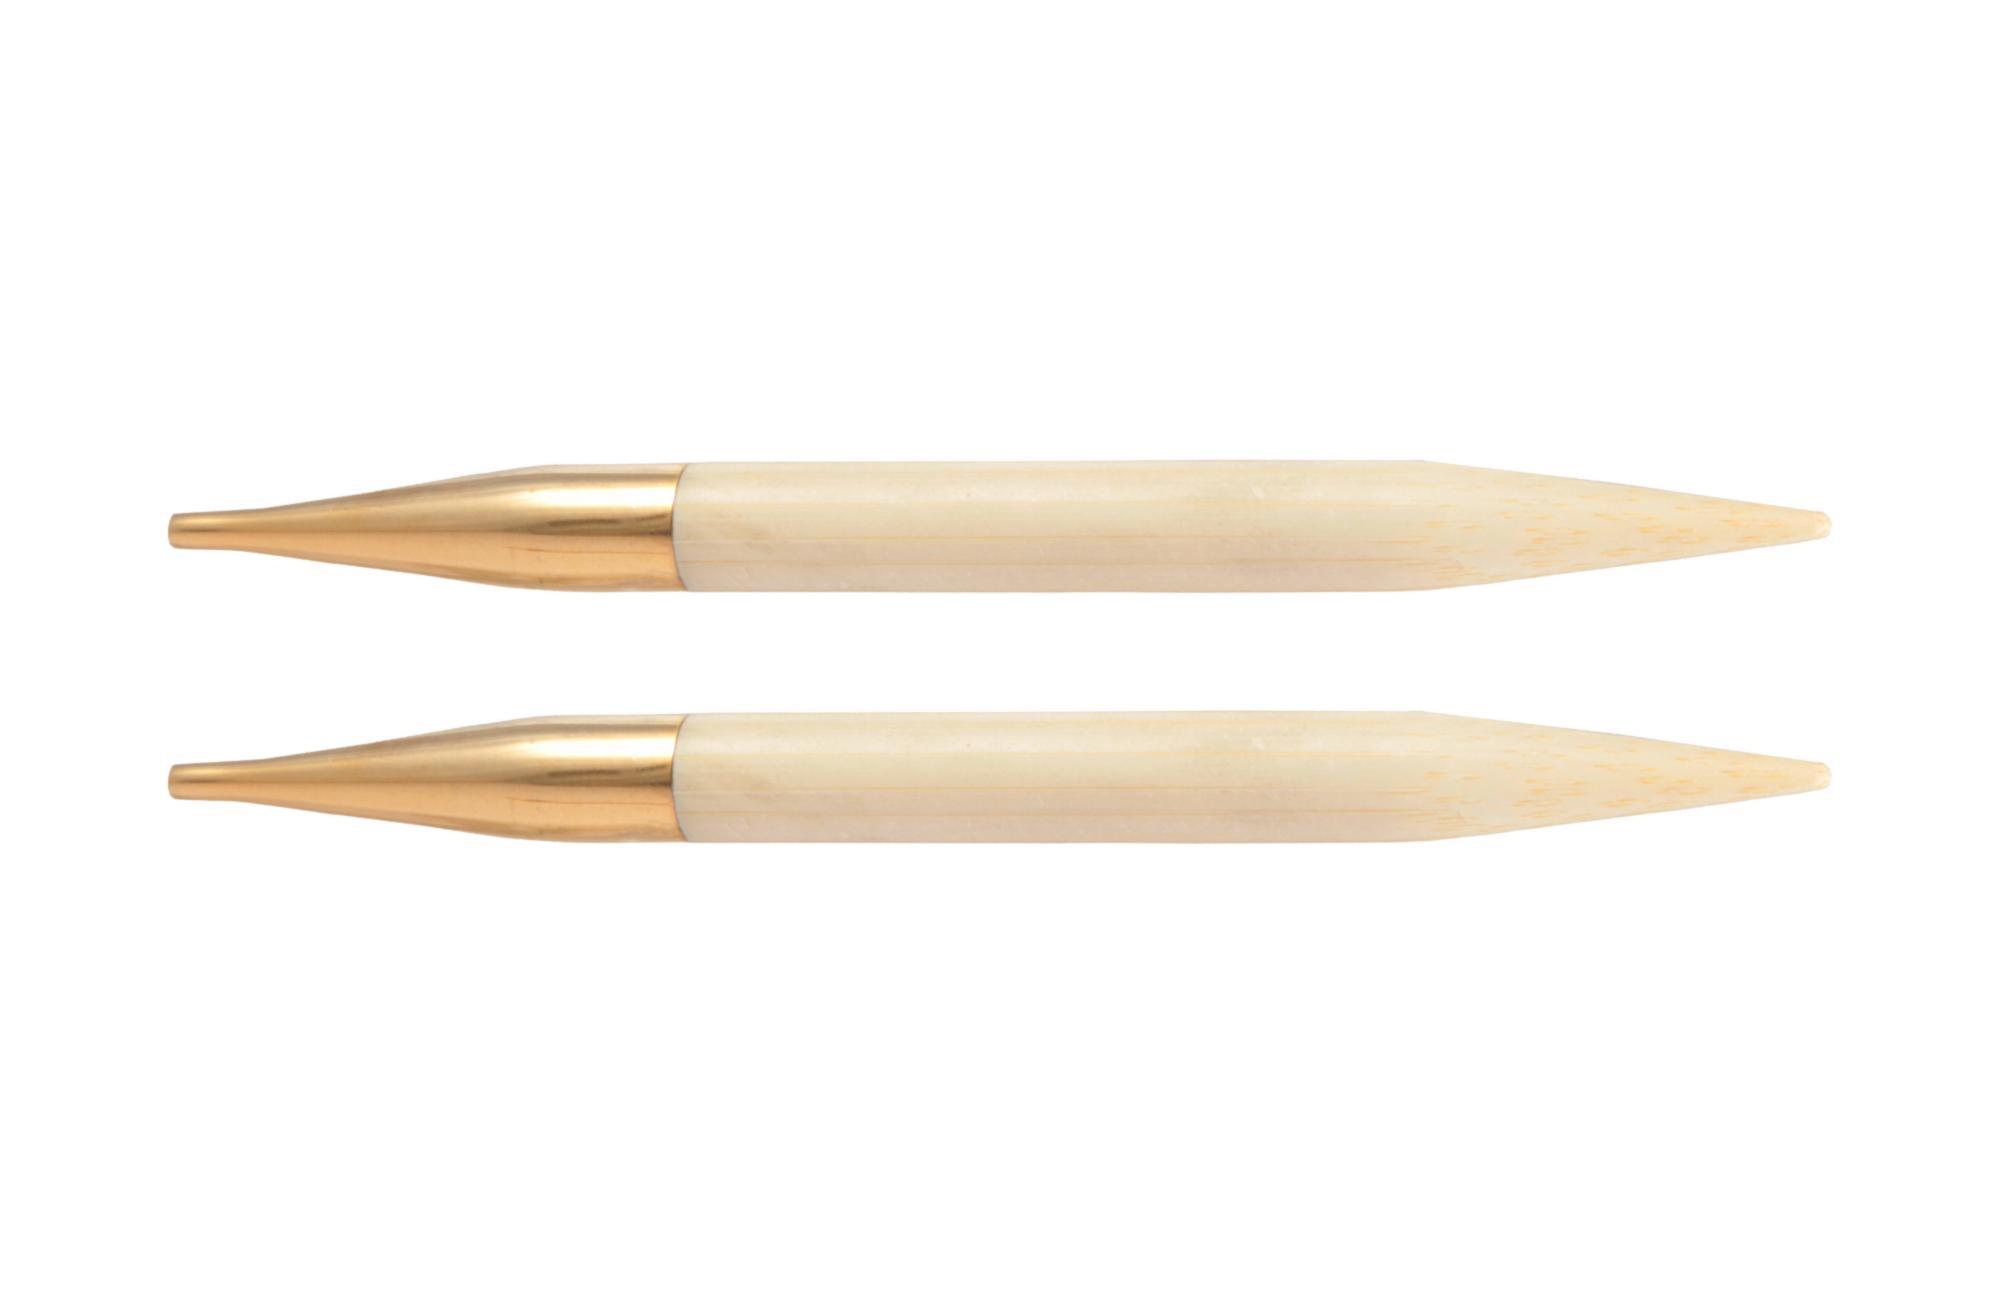 Спицы съёмные Bamboo KnitPro, 22406, 5.50 мм